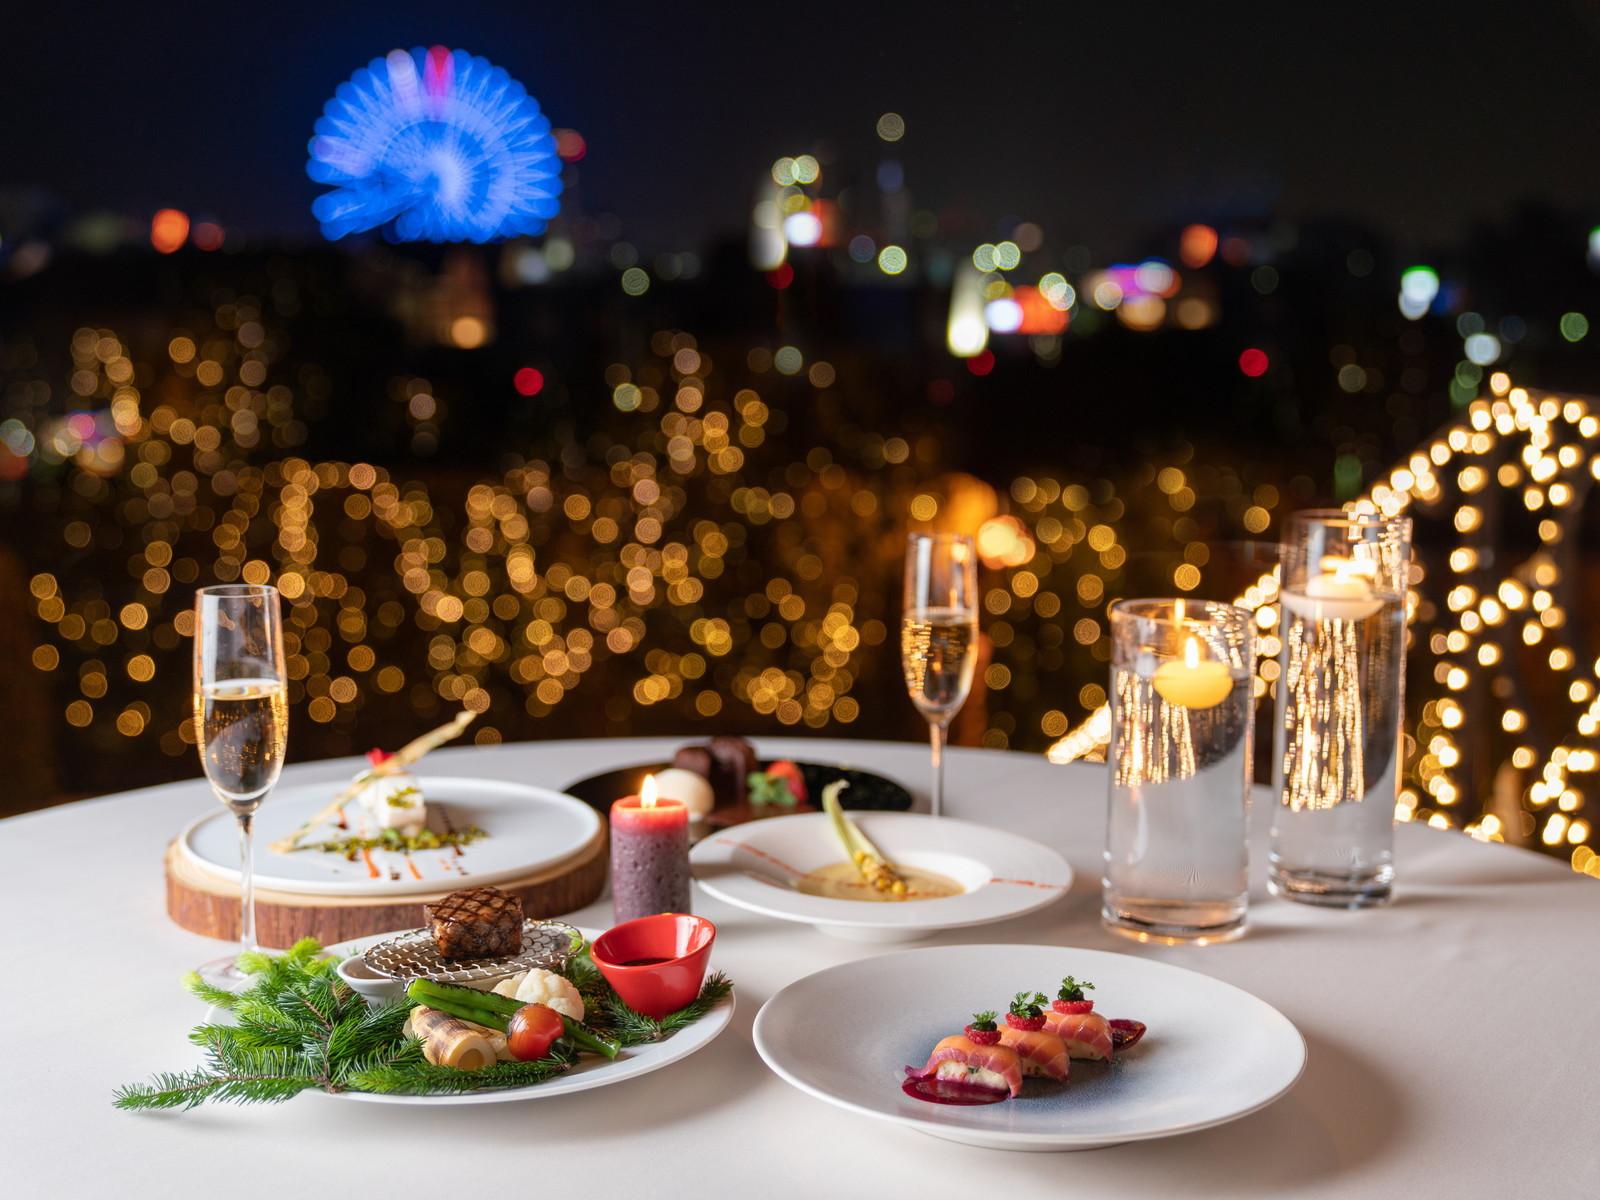 ガーデンテラス福岡ホテル&リゾート 夜景を眺めながらお部屋でゆったりと…「インルームダイニング」×「洋食コース」プラン(2食付)